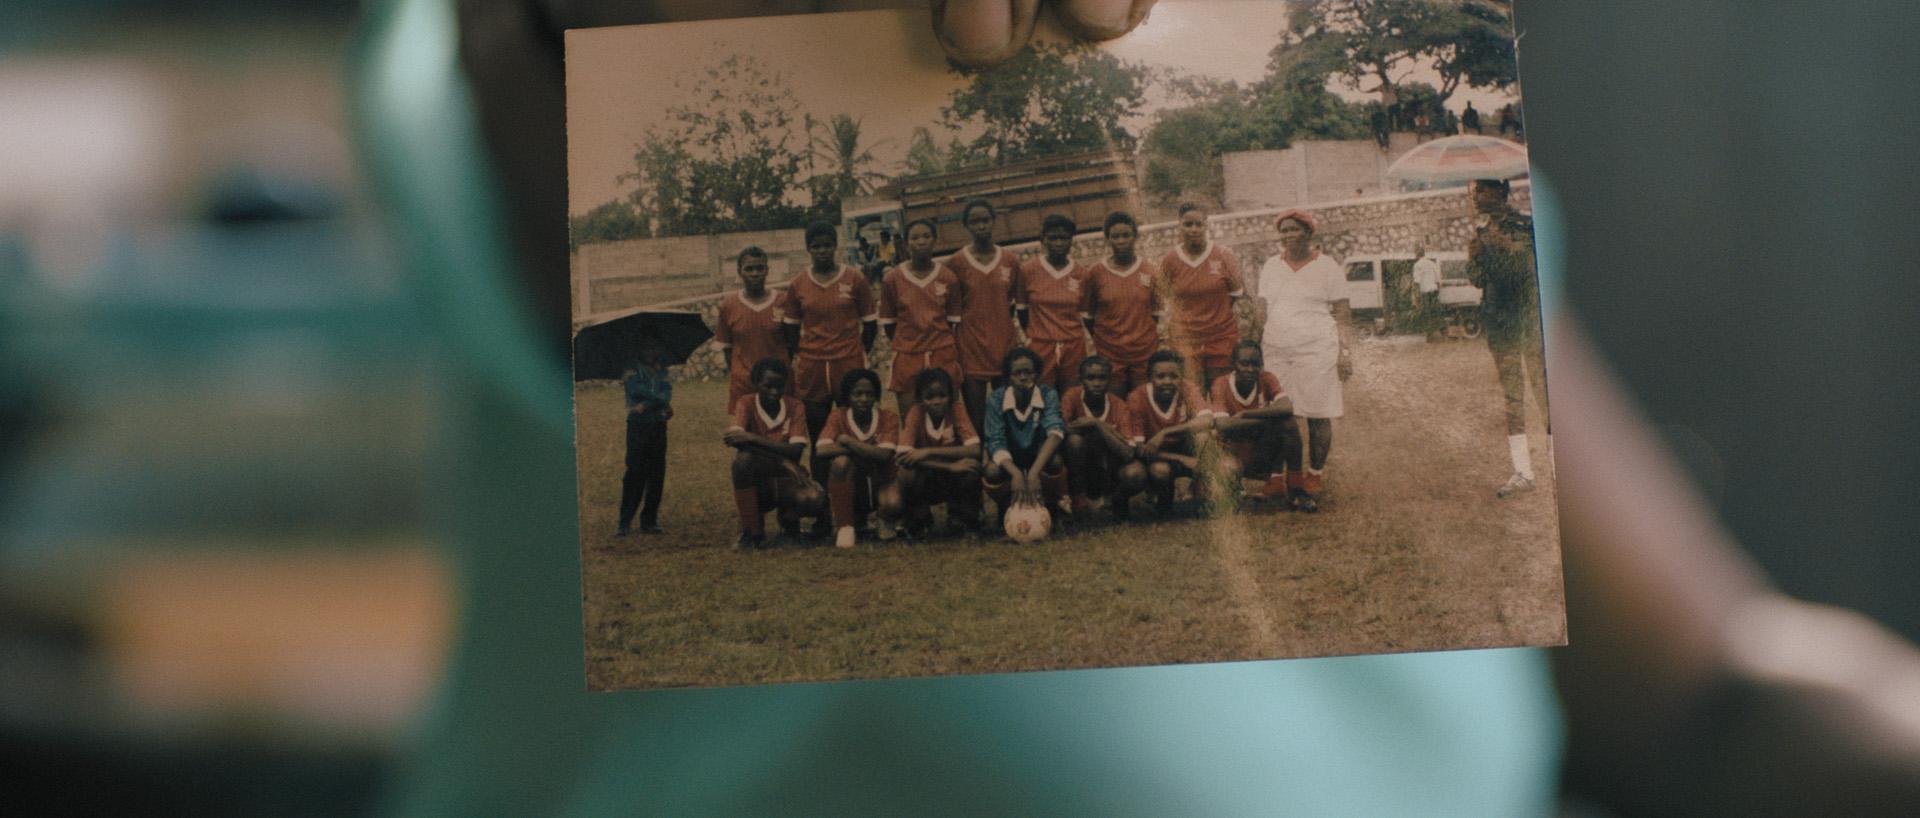 FIFA_Stills_Jamaica_1.1.10.jpg